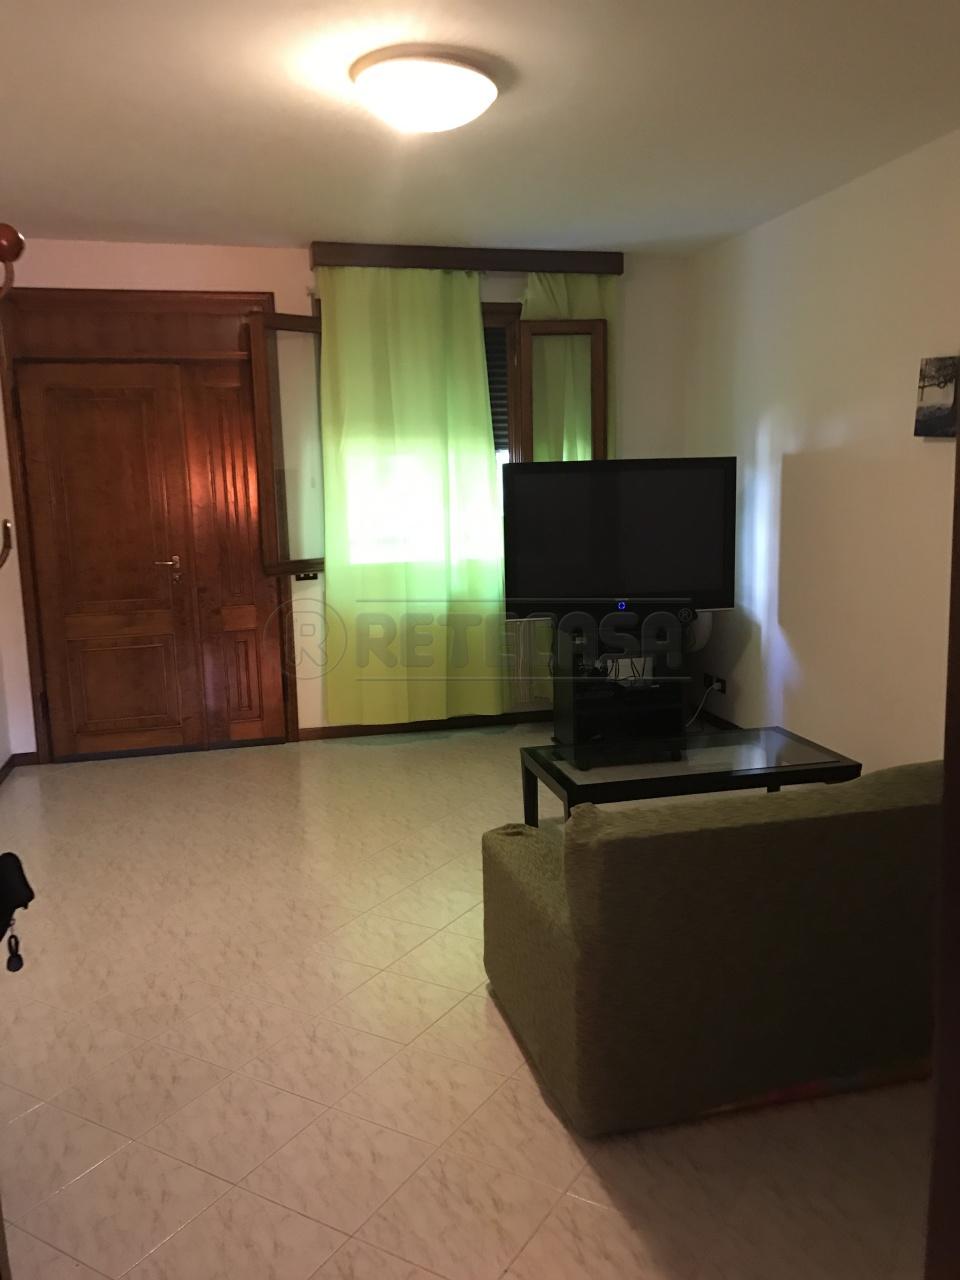 Appartamento in affitto a San Donà di Piave, 9999 locali, prezzo € 550 | CambioCasa.it